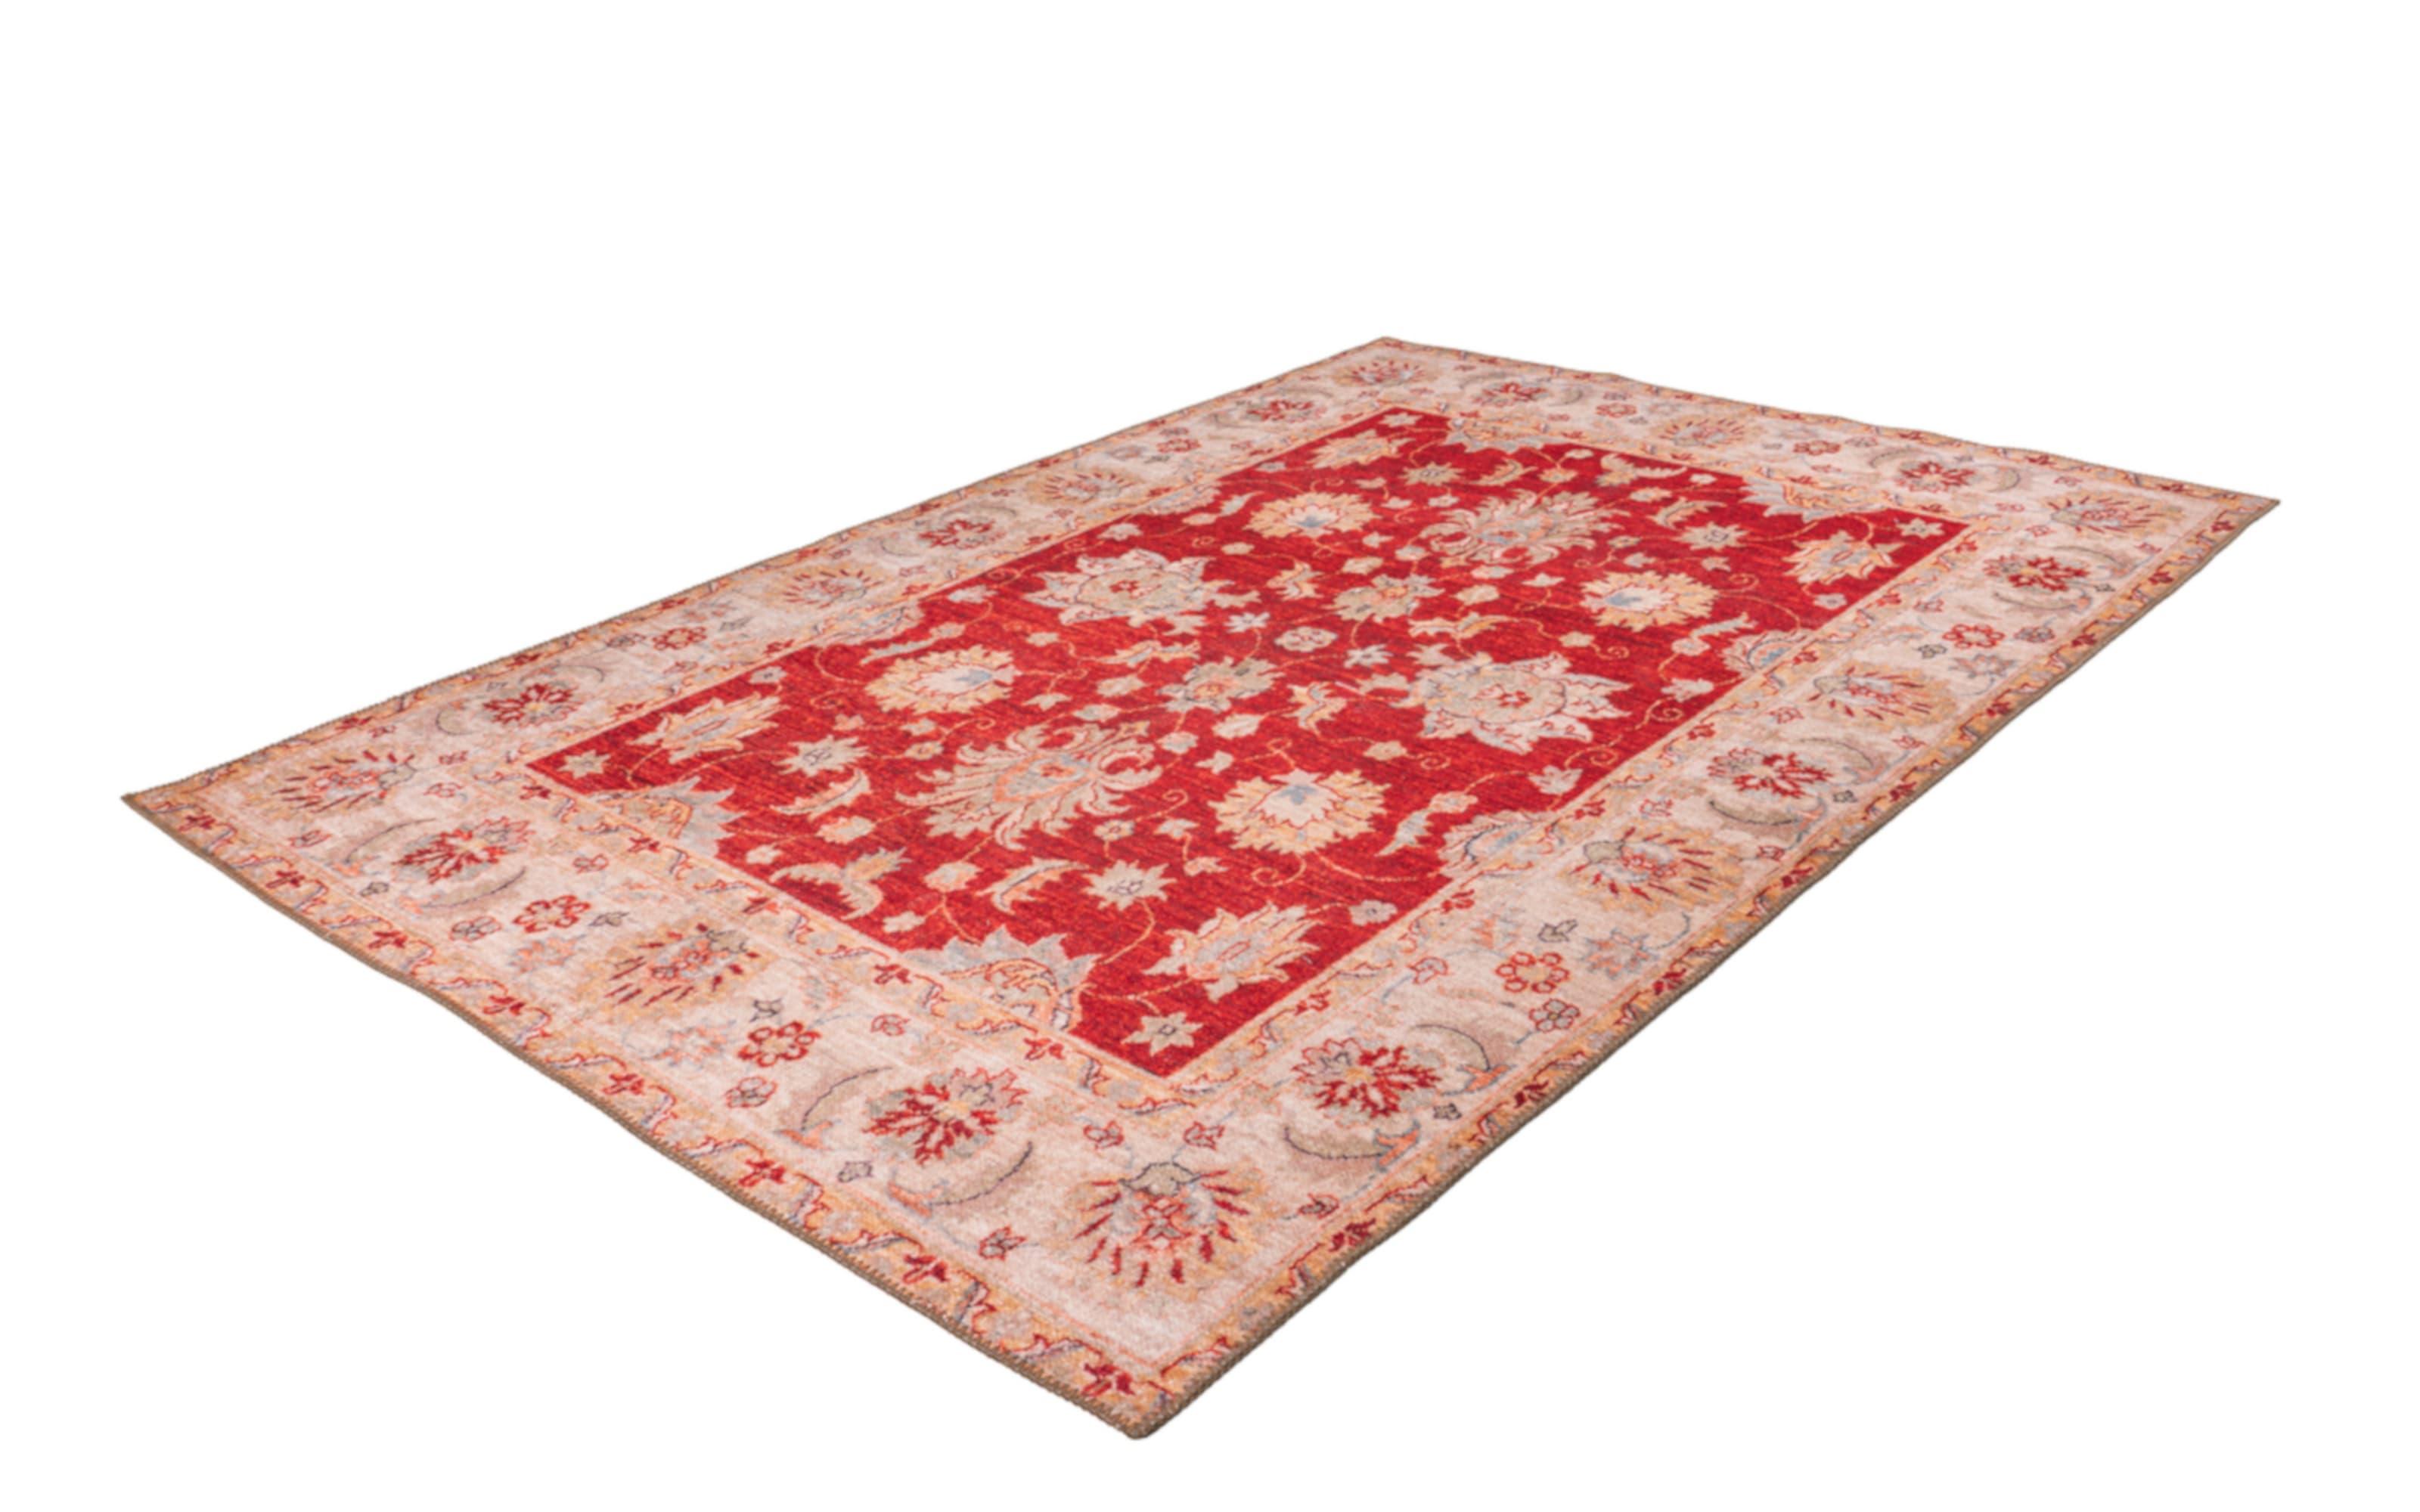 Teppich Faye 625 in rot, ca. 110 x 180 cm